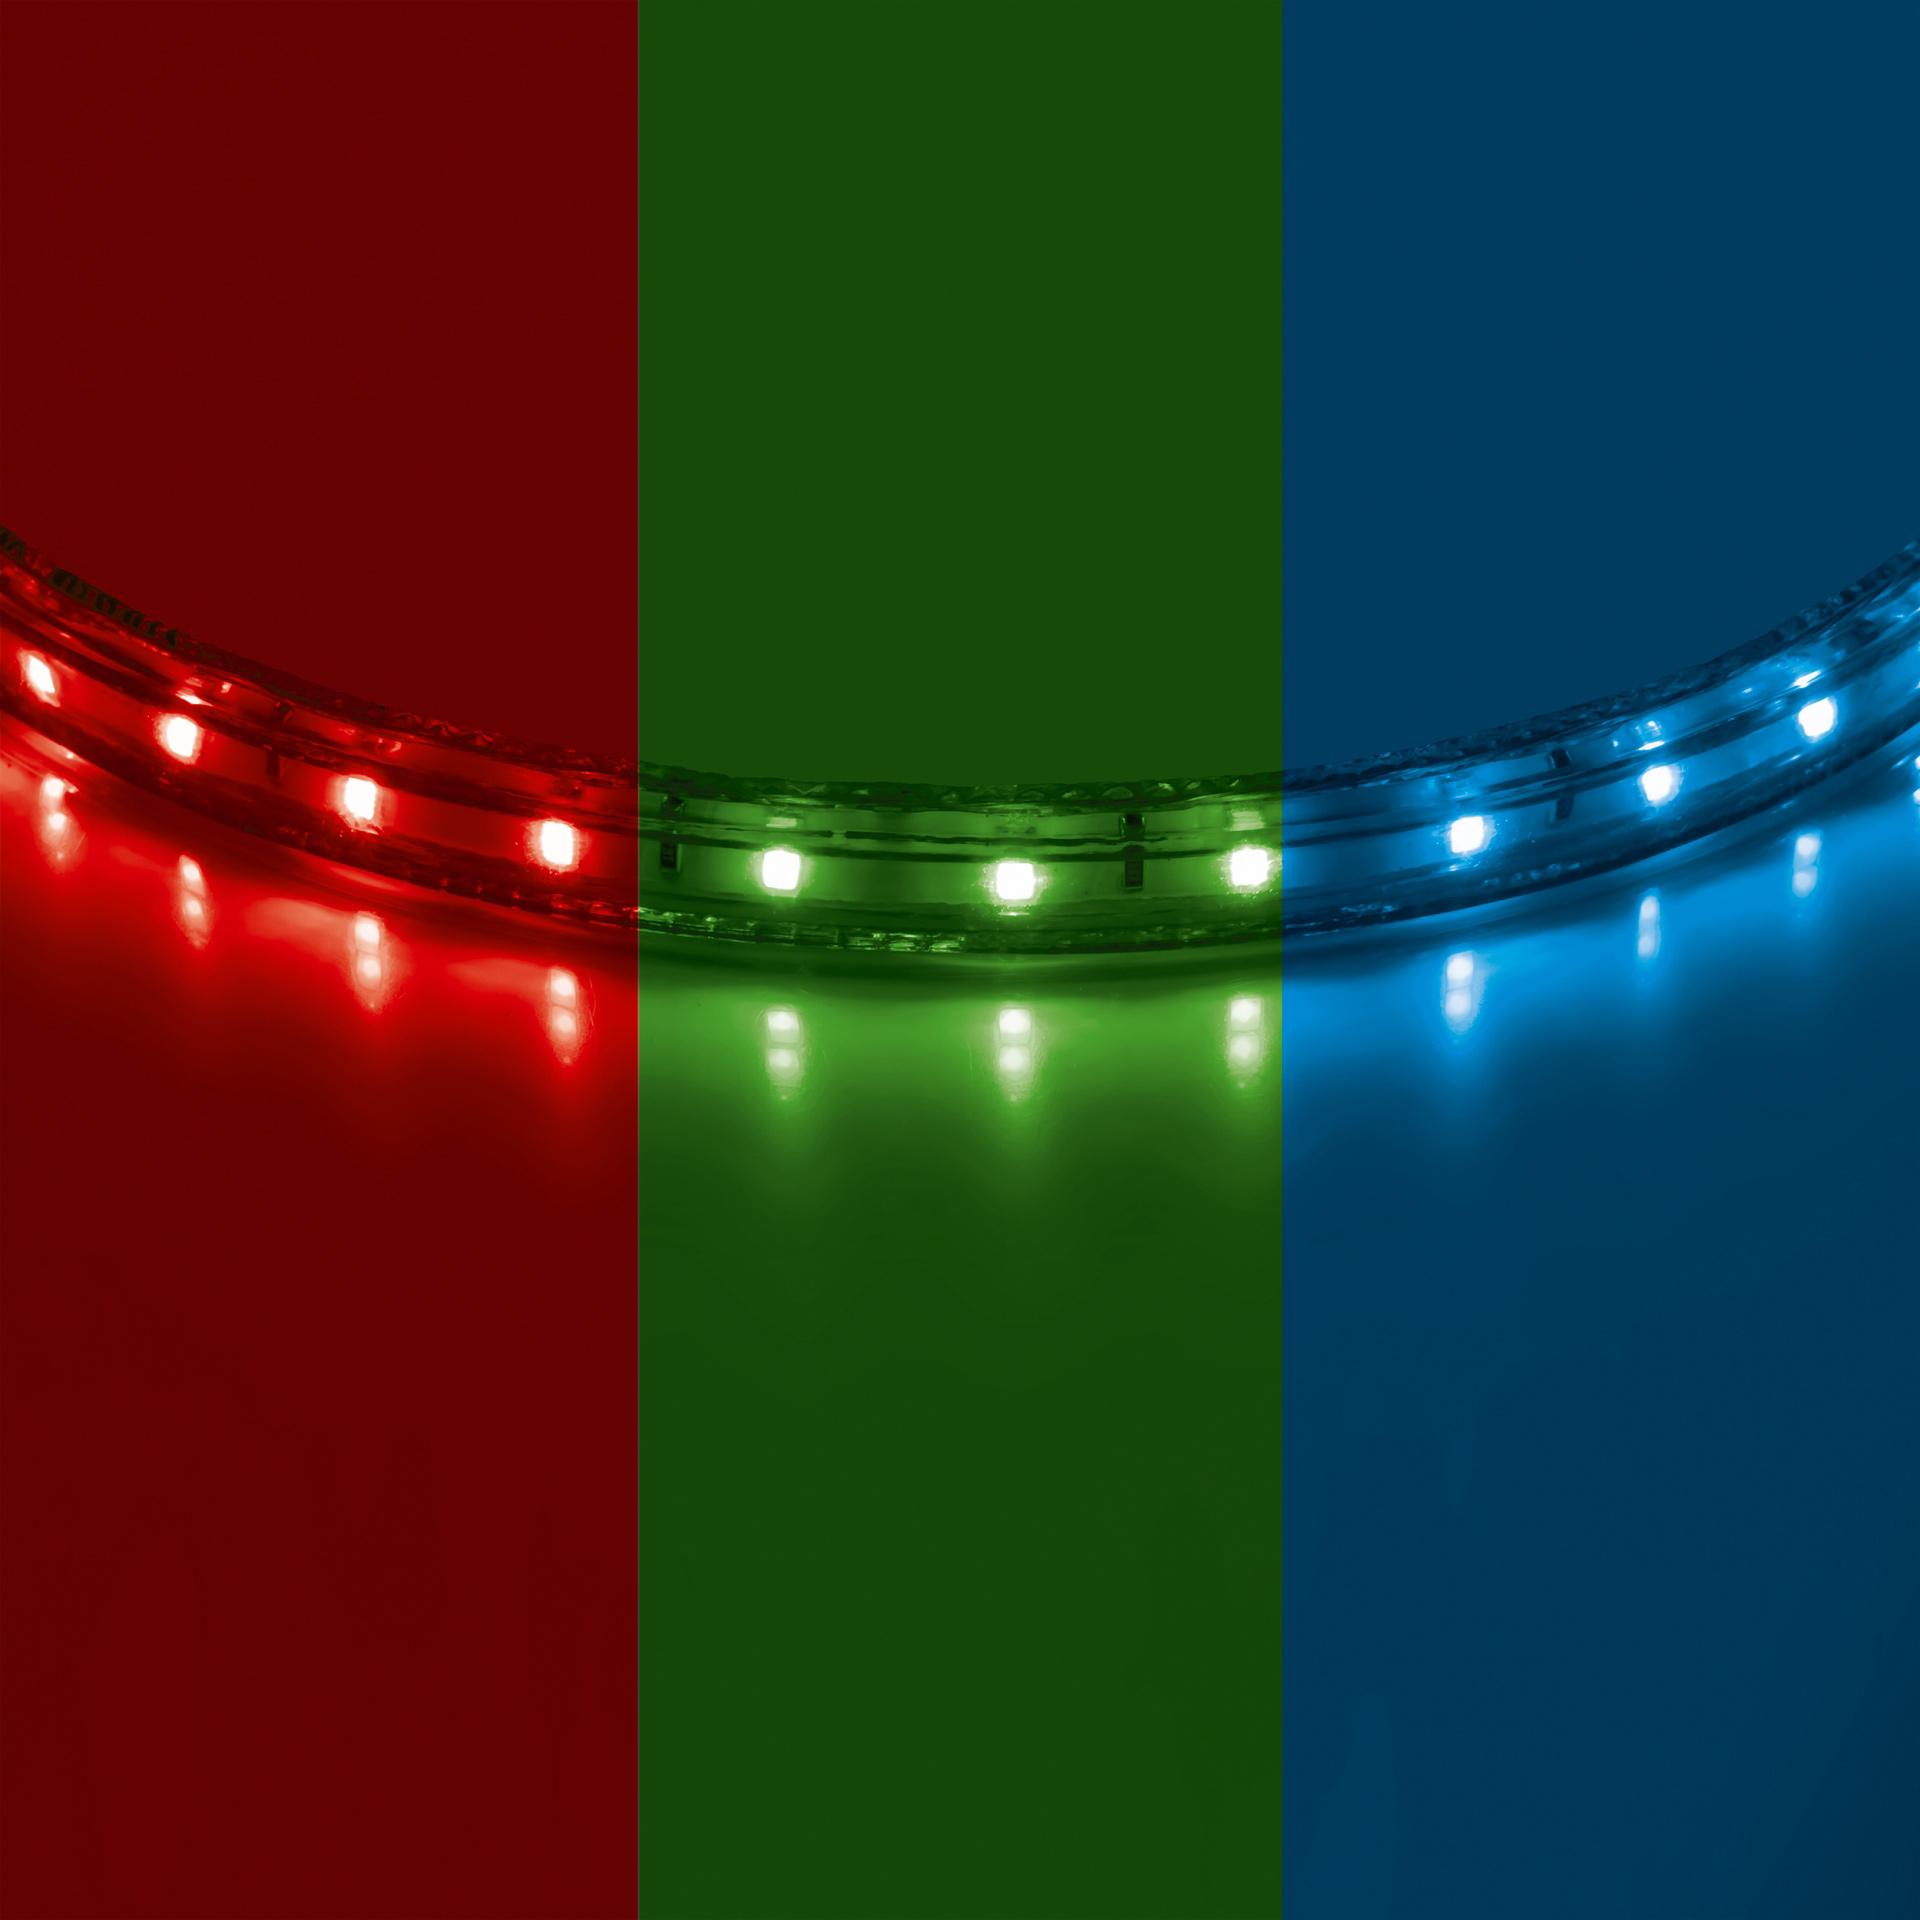 Лента 220V LED 8мм RGB 50m Lightstar 402050, купить в СПб, Москве, с доставкой, Санкт-Петербург, интернет-магазин люстр и светильников Starlight, фото в жизни